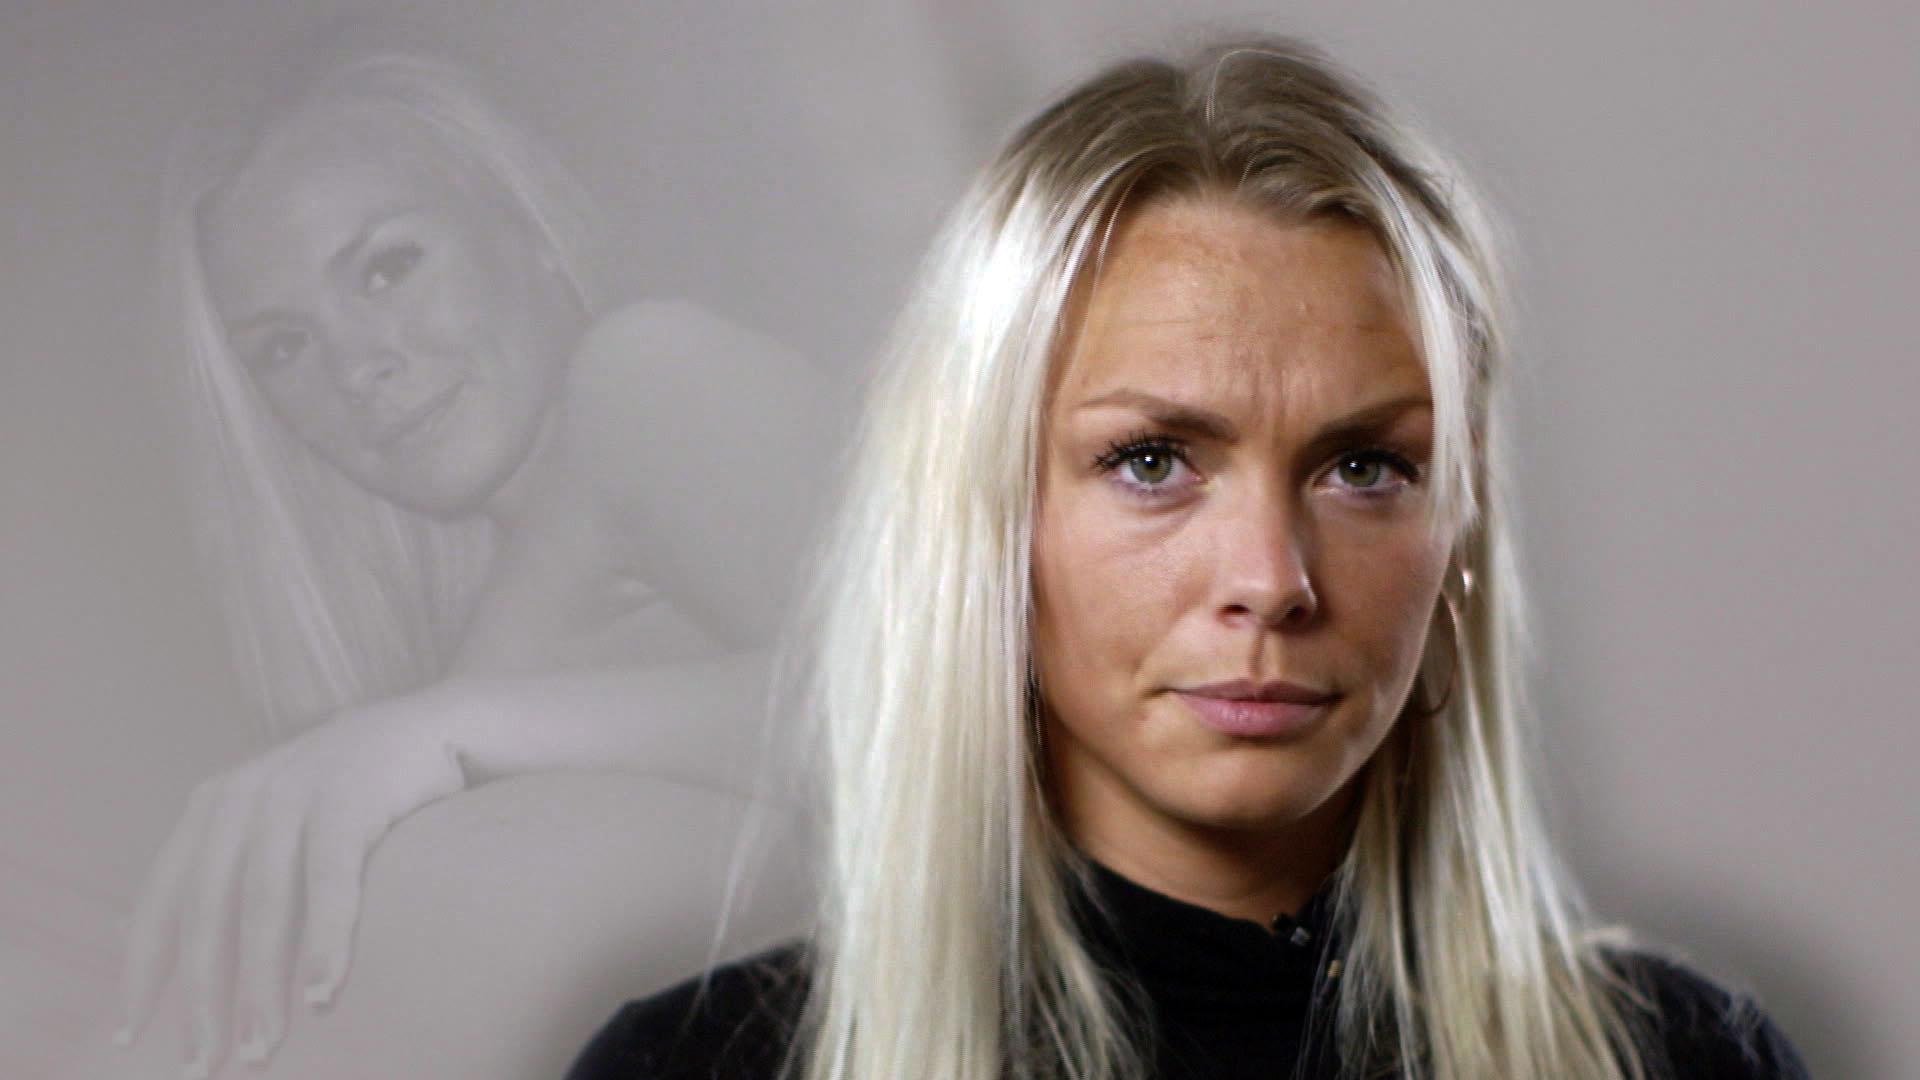 Danske porno billeder Haderup piger